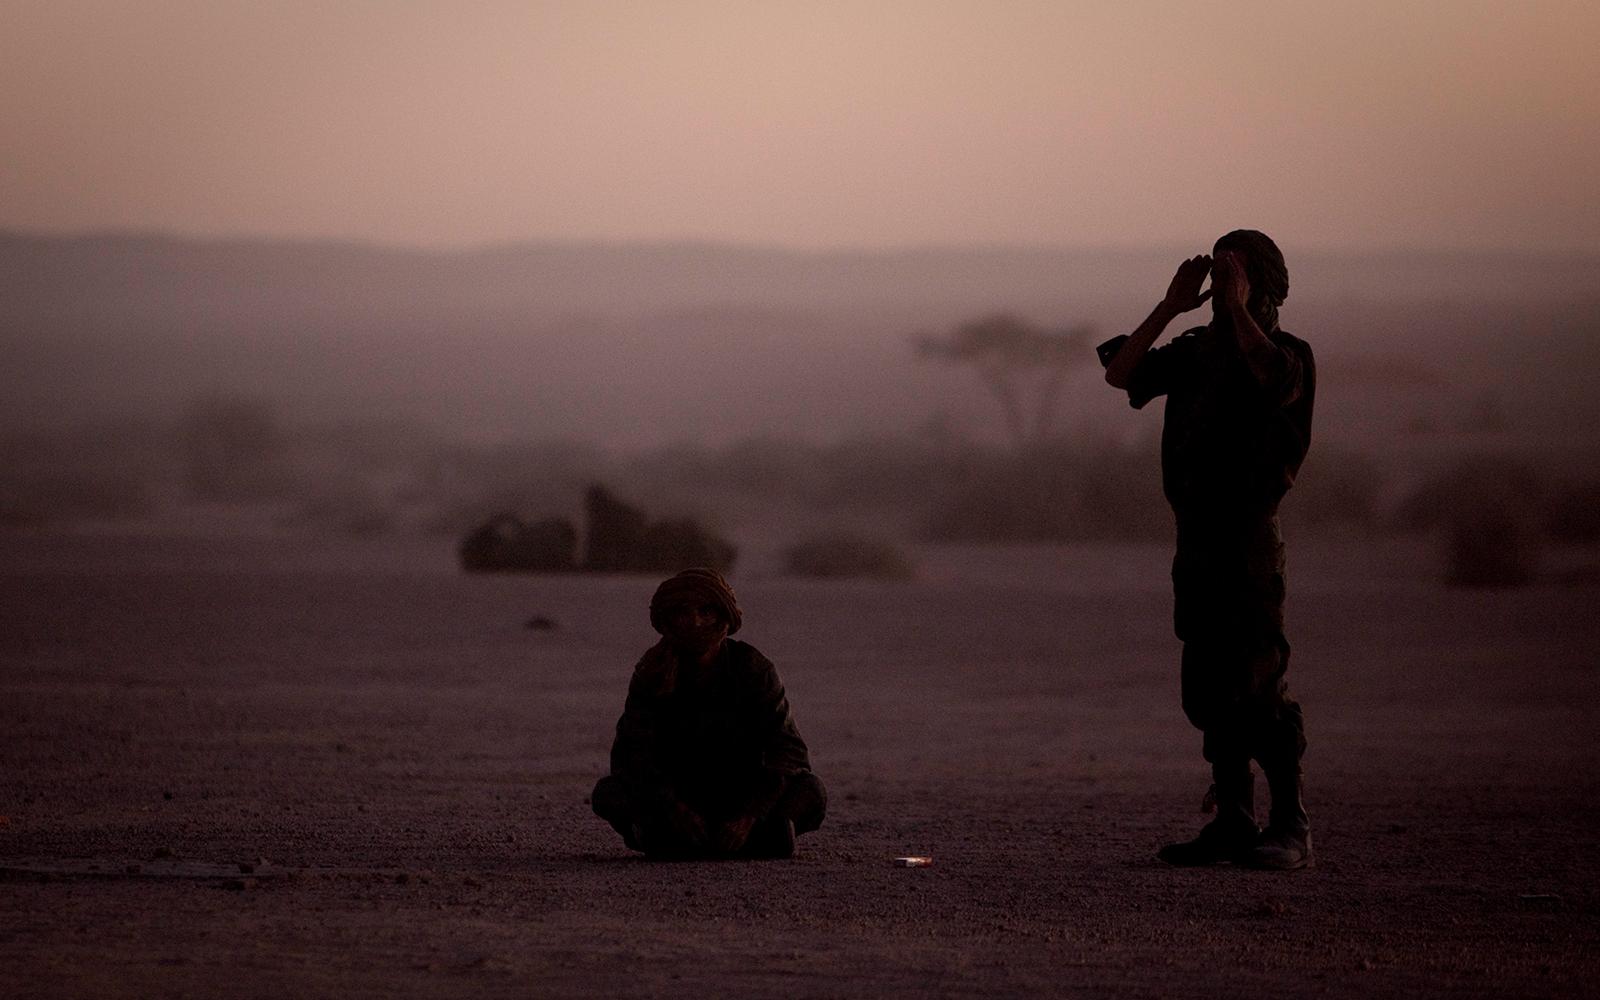 صورة تحرك أمريكي سيغضب الجزائر والبوليساريو ويريح المغرب- فيديو